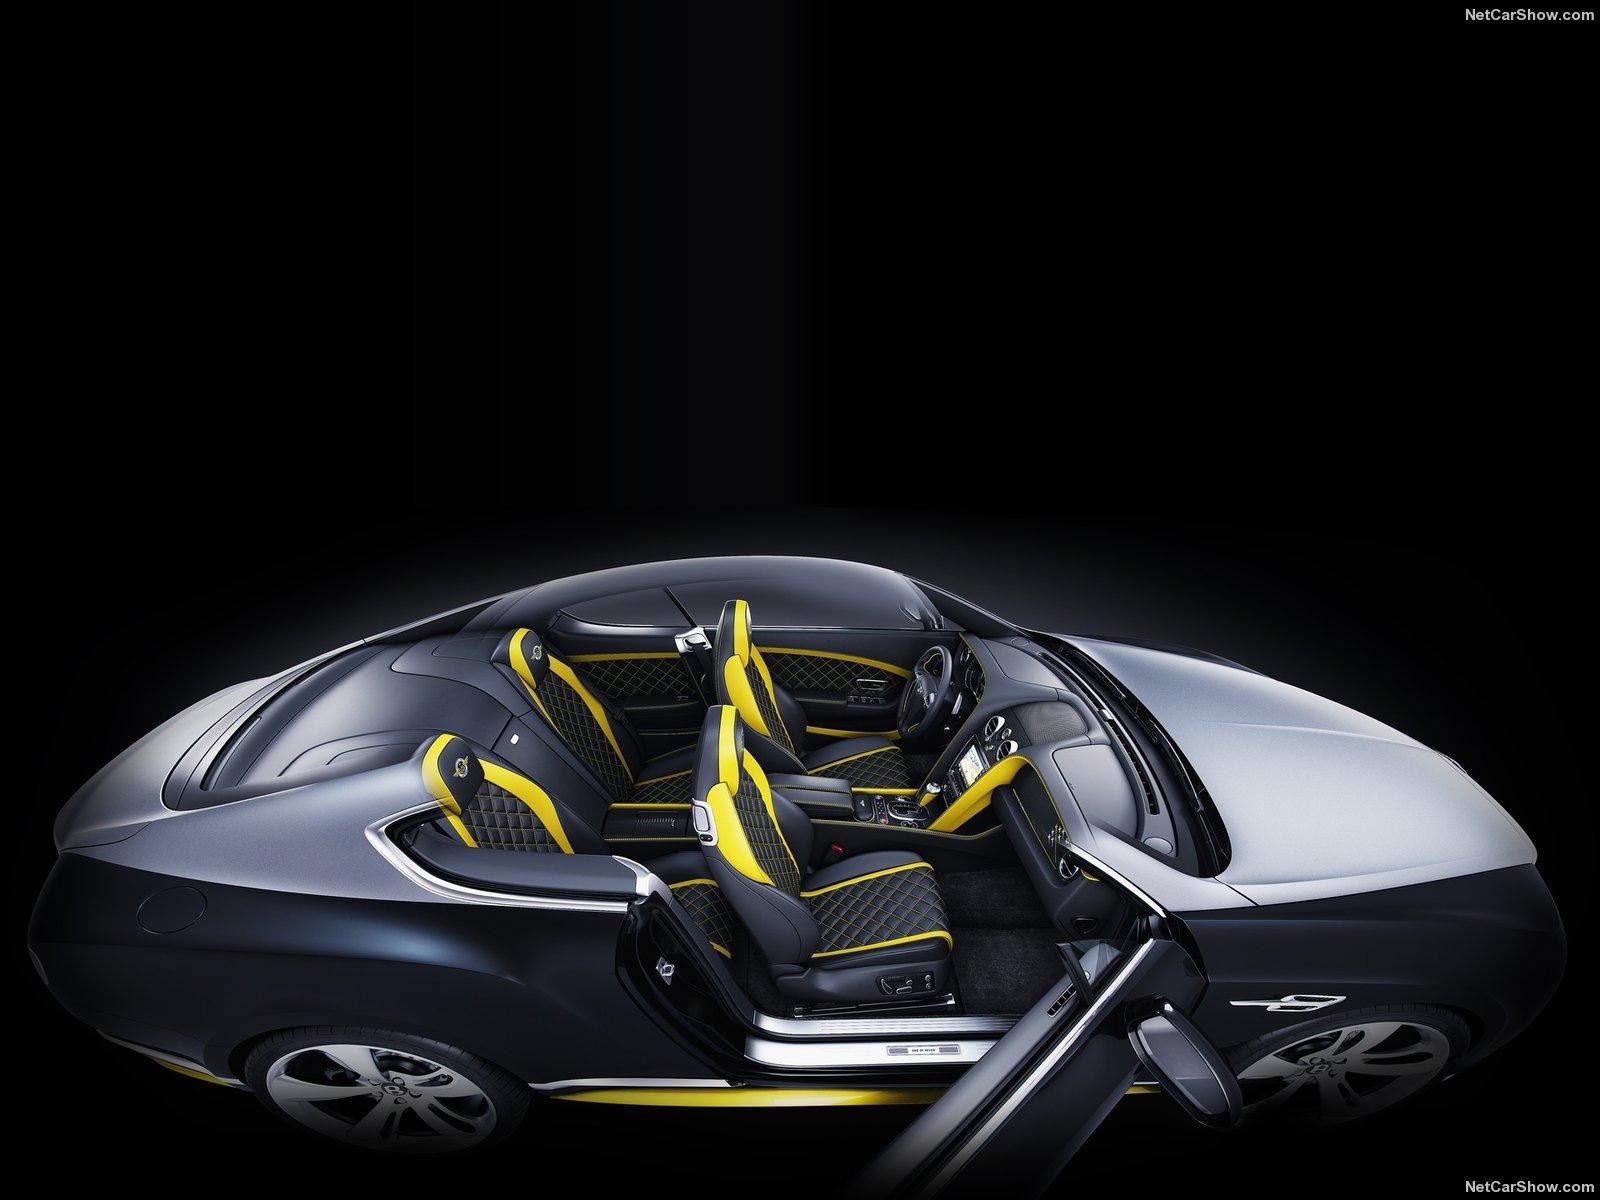 Hình ảnh xe ô tô Bentley Continental GT Speed Breitling Jet Team Series 2016 & nội ngoại thất